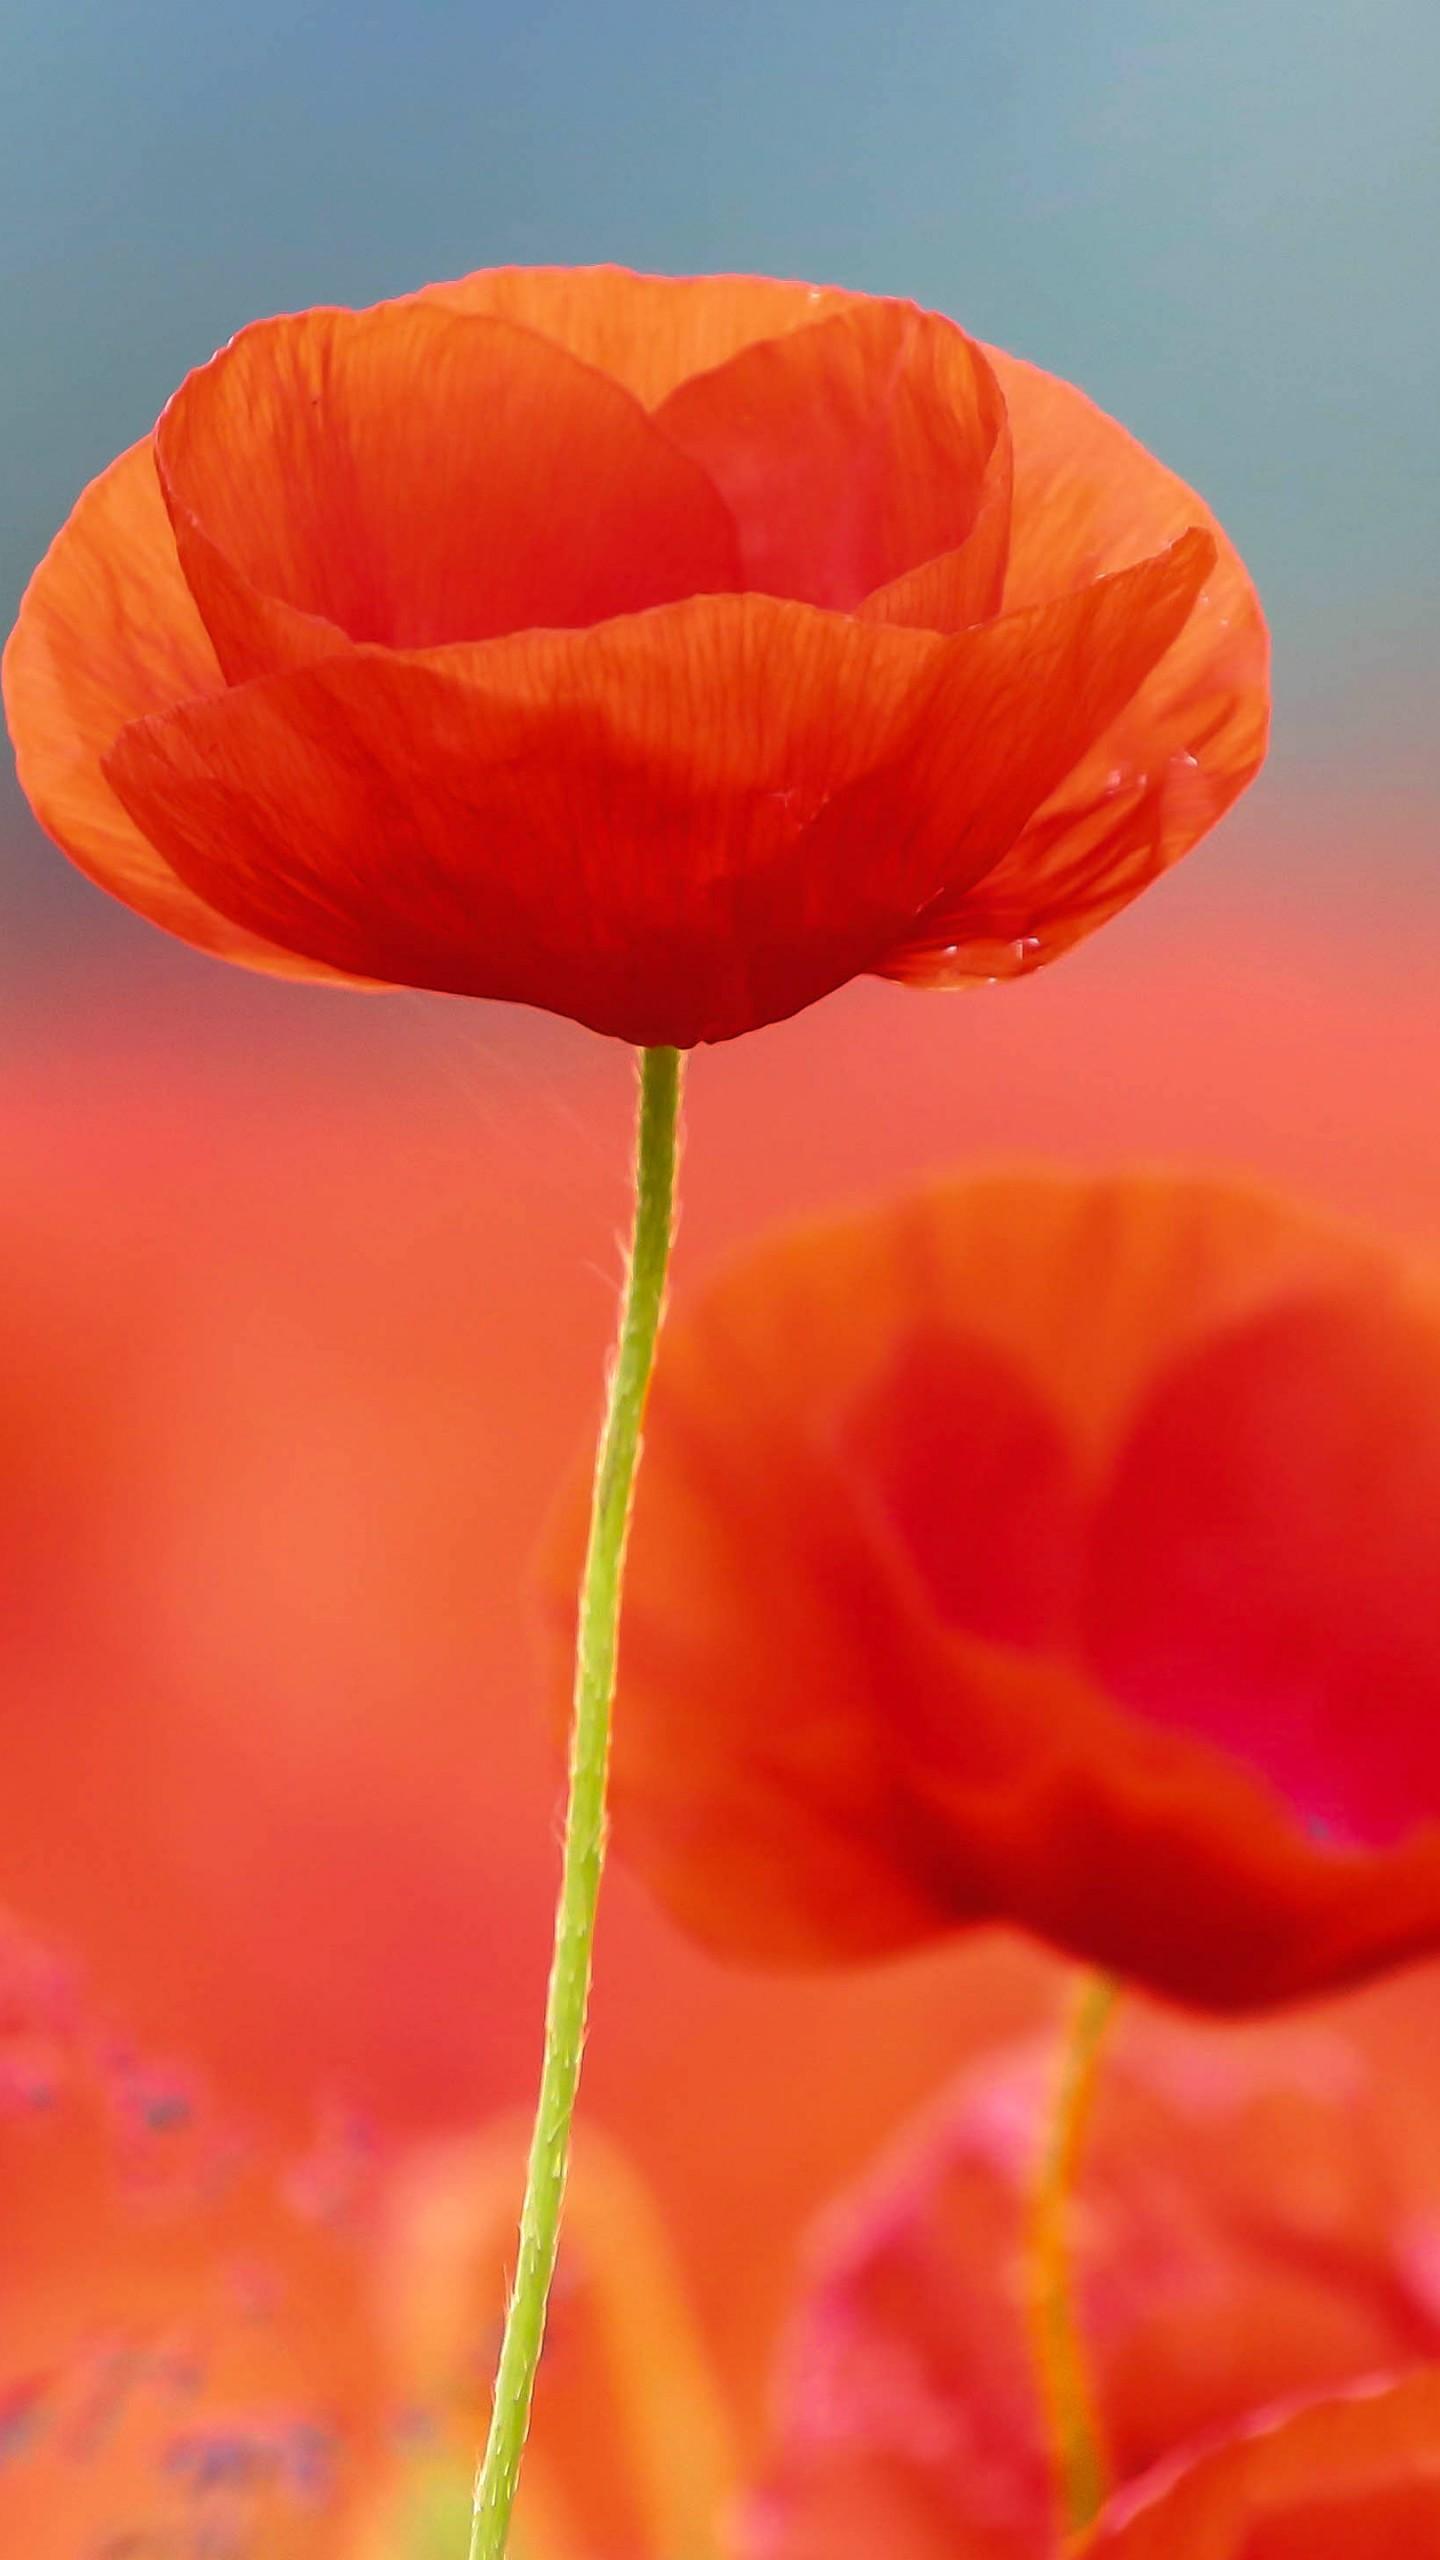 عکس زمینه گلهای شقایق قرمز زیبا پس زمینه